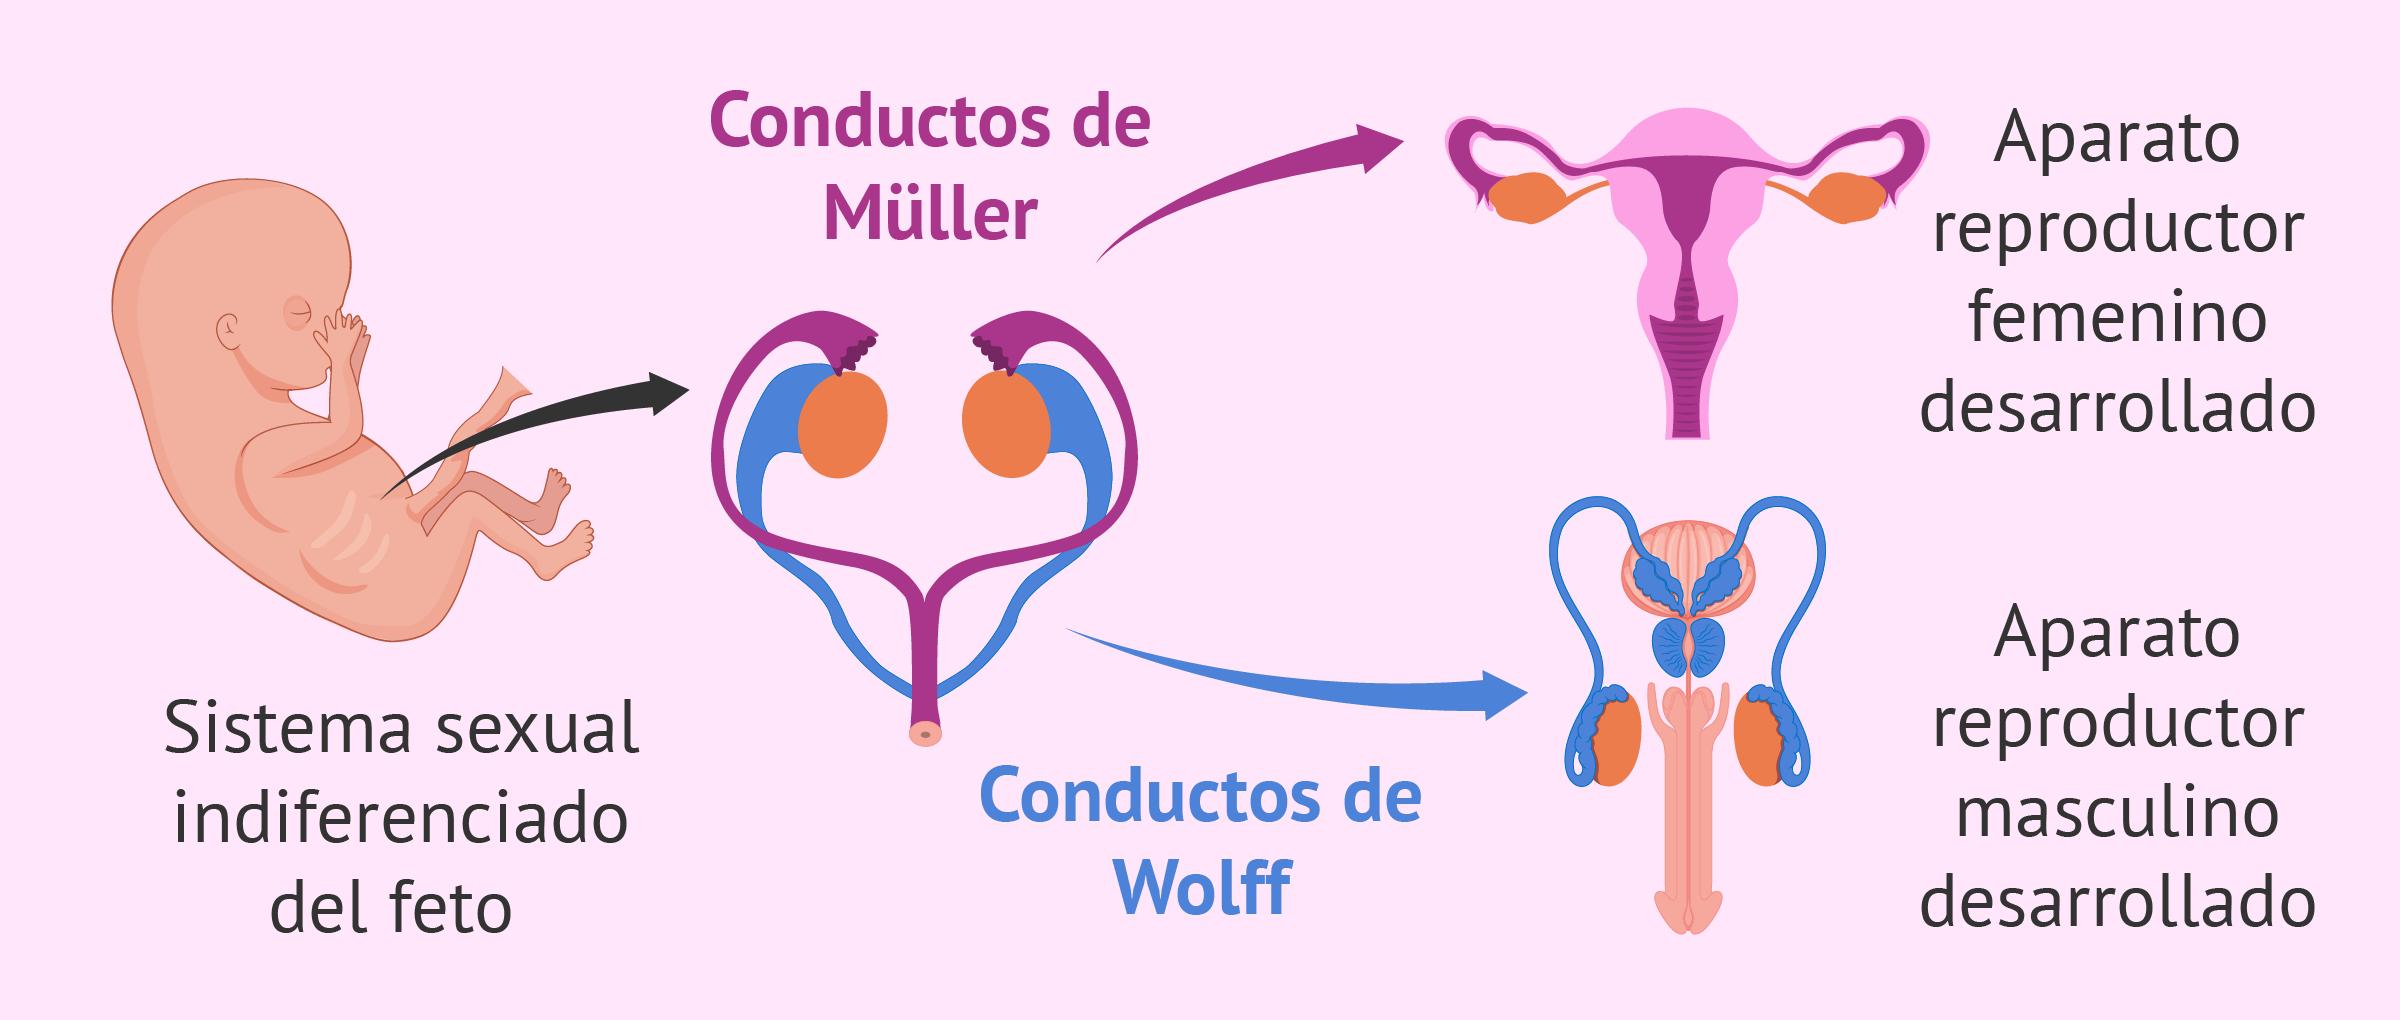 Diferenciación sexual del feto